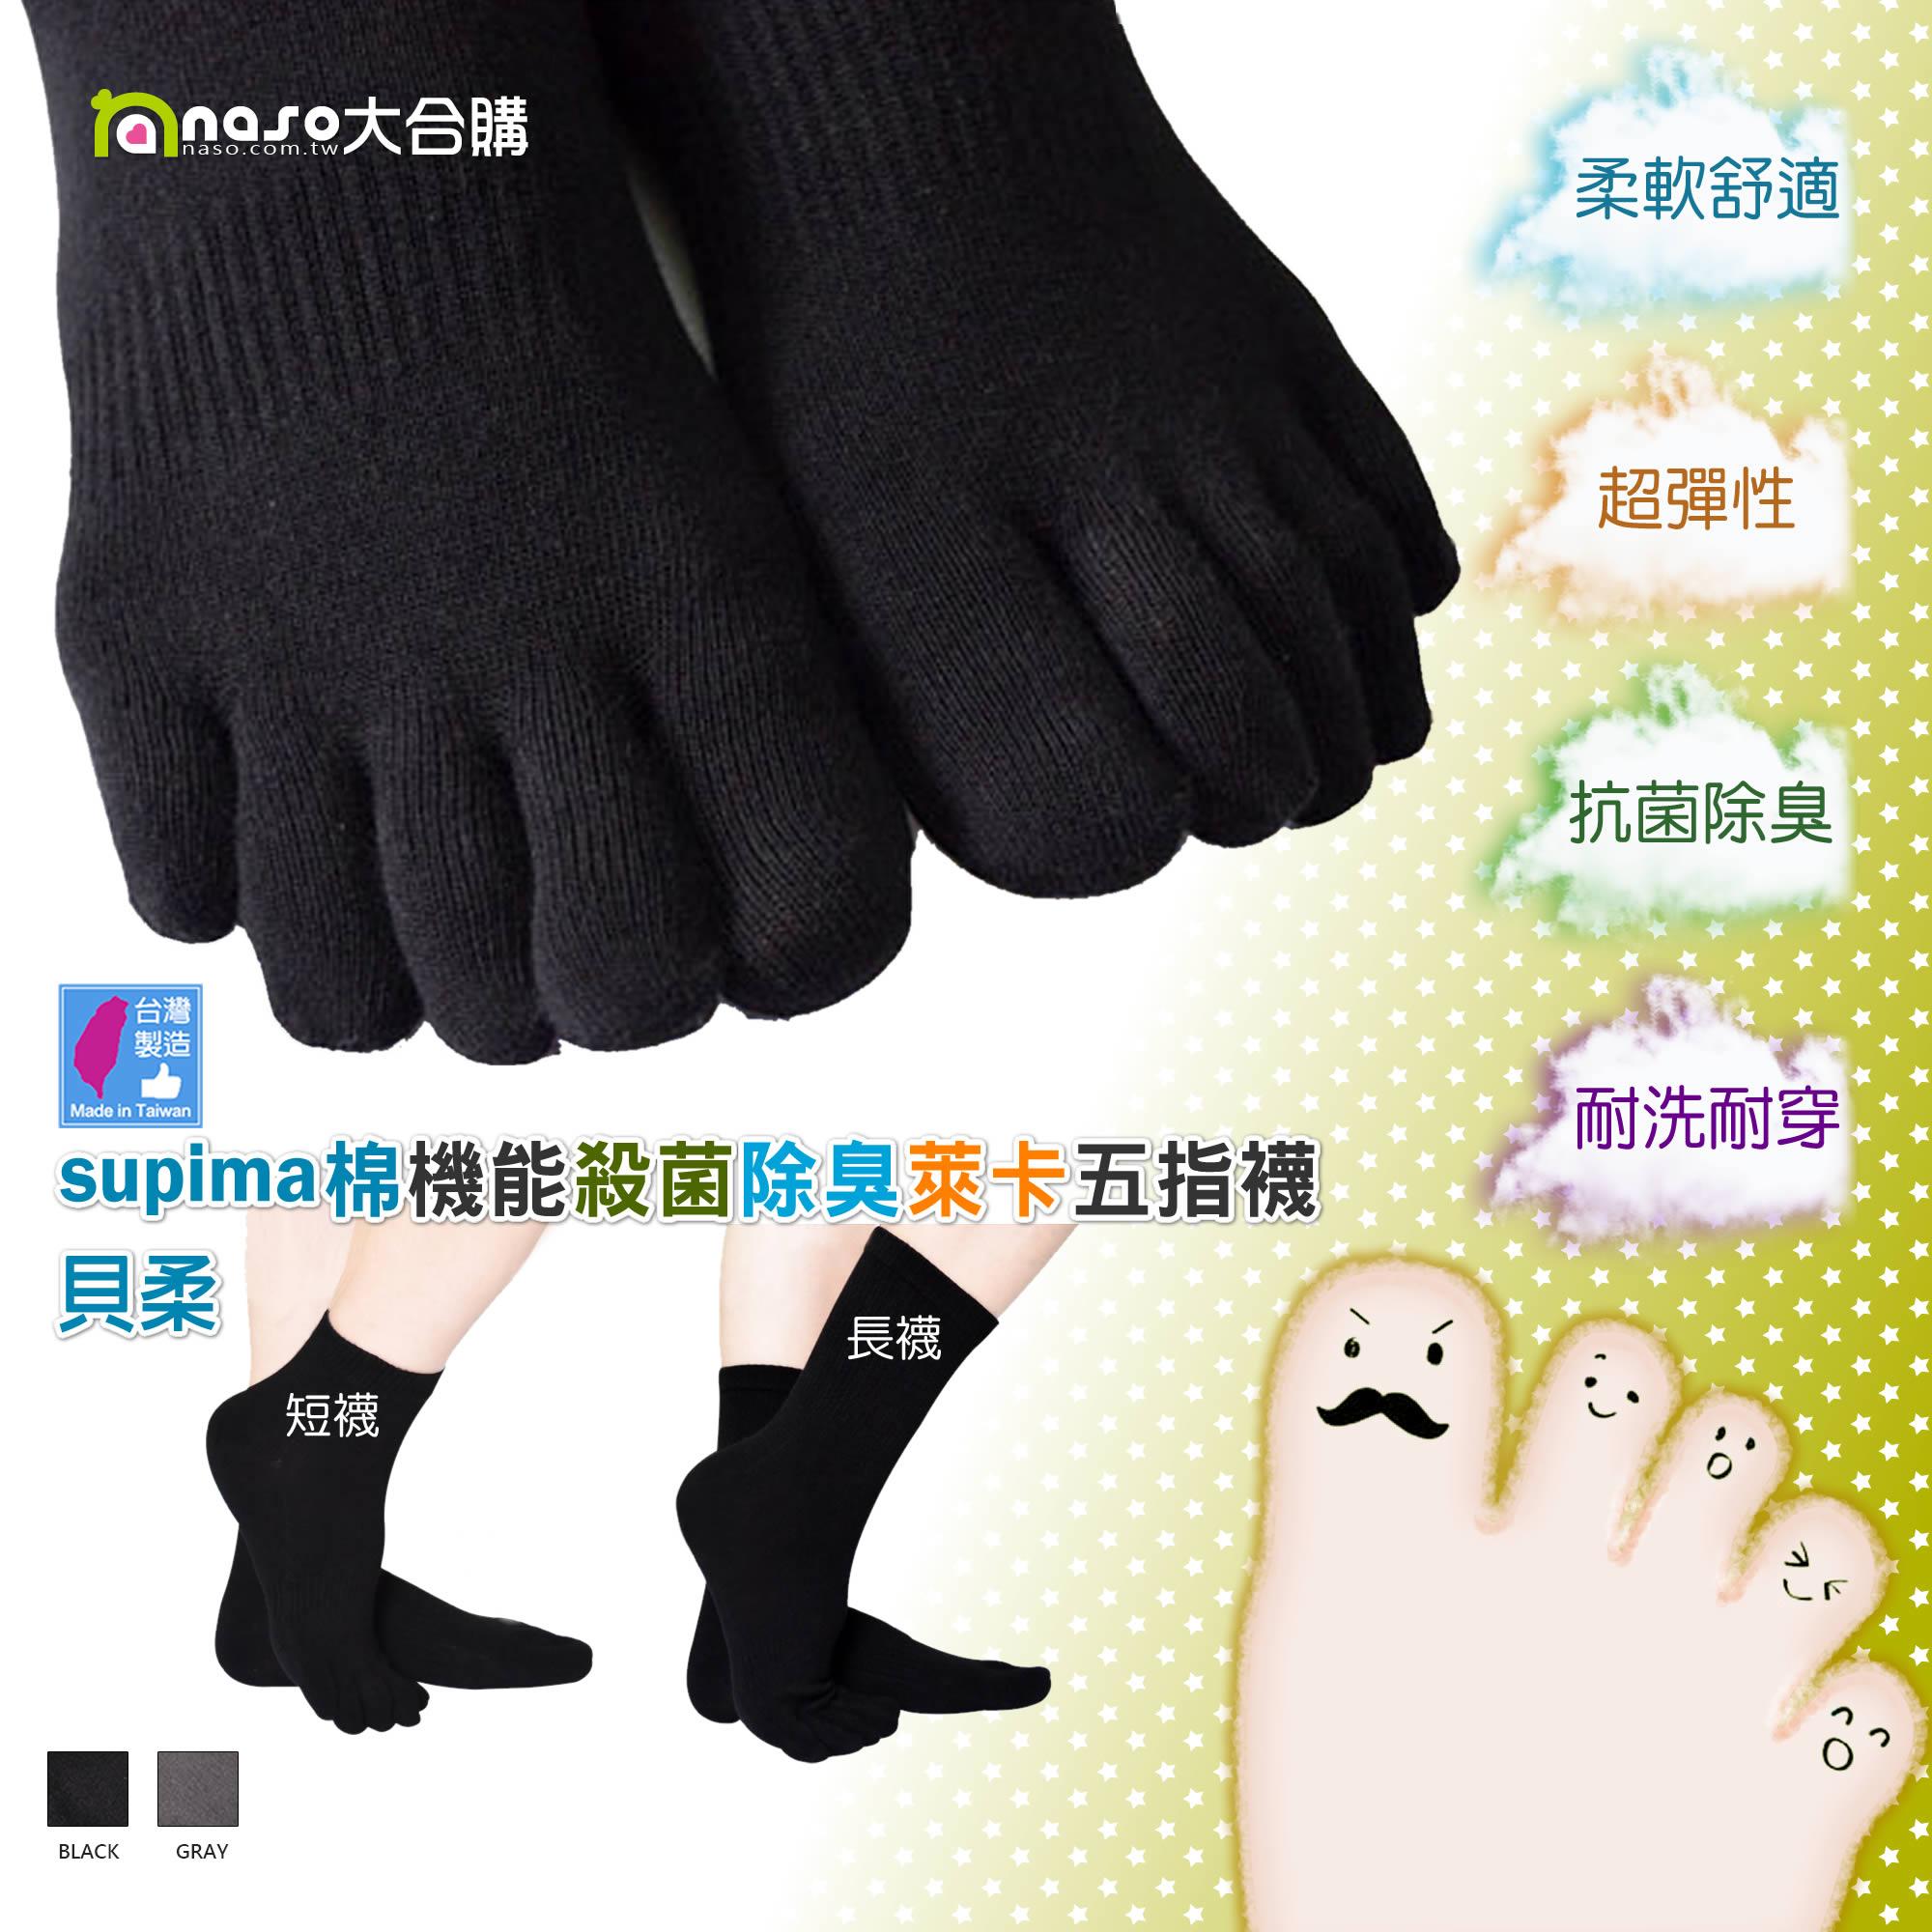 貝柔-Supima機能殺菌除臭萊卡五指襪【台灣製造】好評第5團